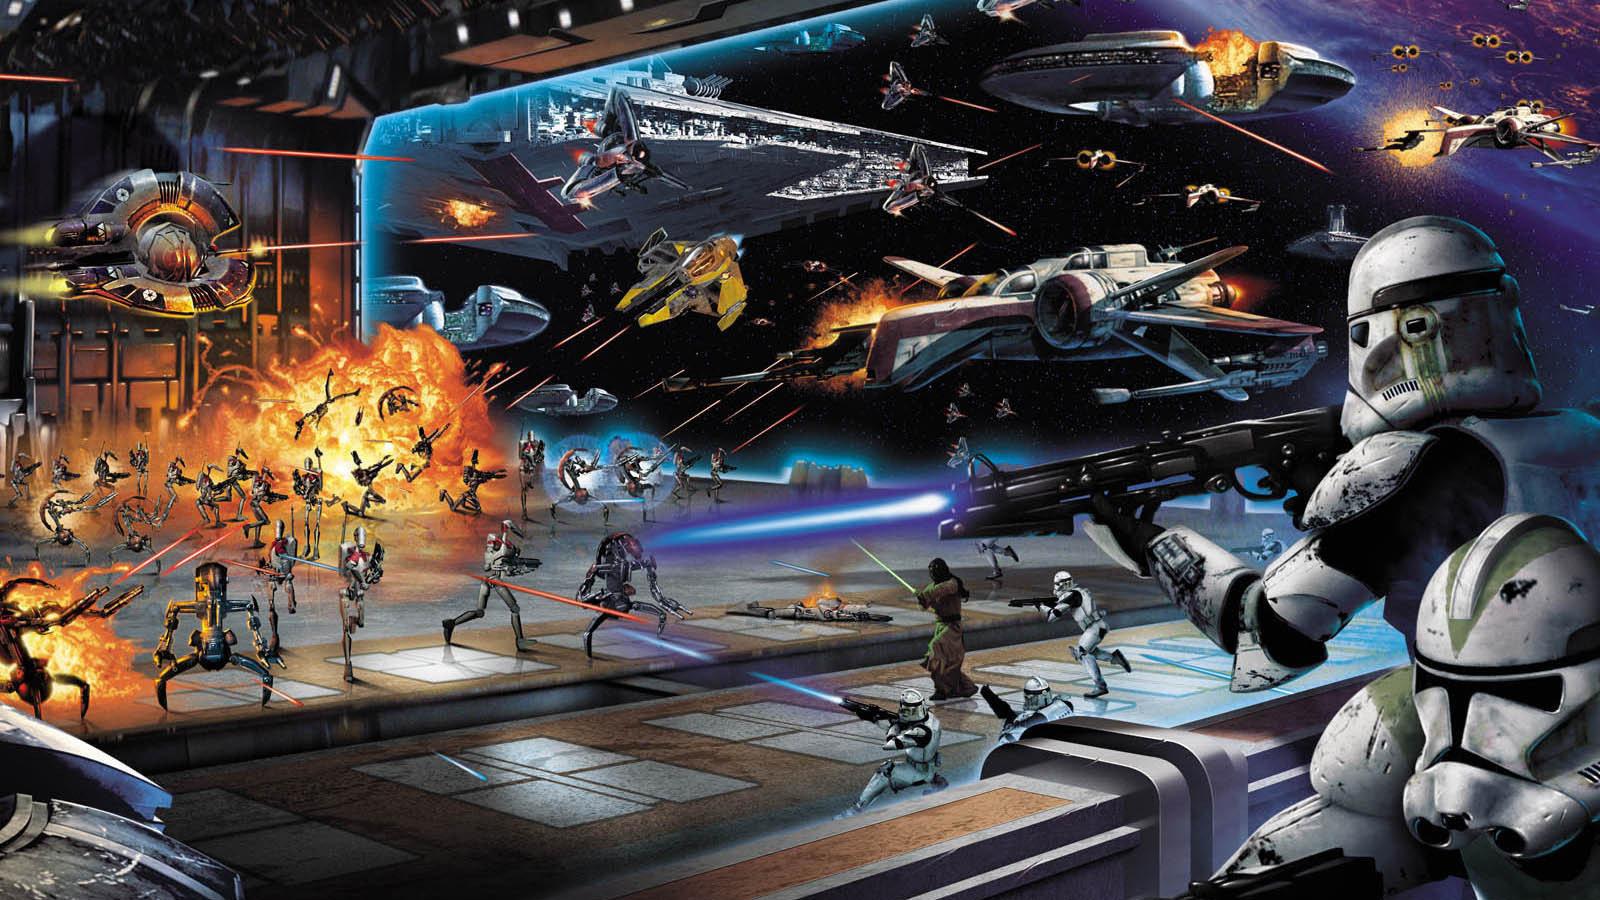 Star Wars Space Battle Wallpaper Posted By Ryan Walker